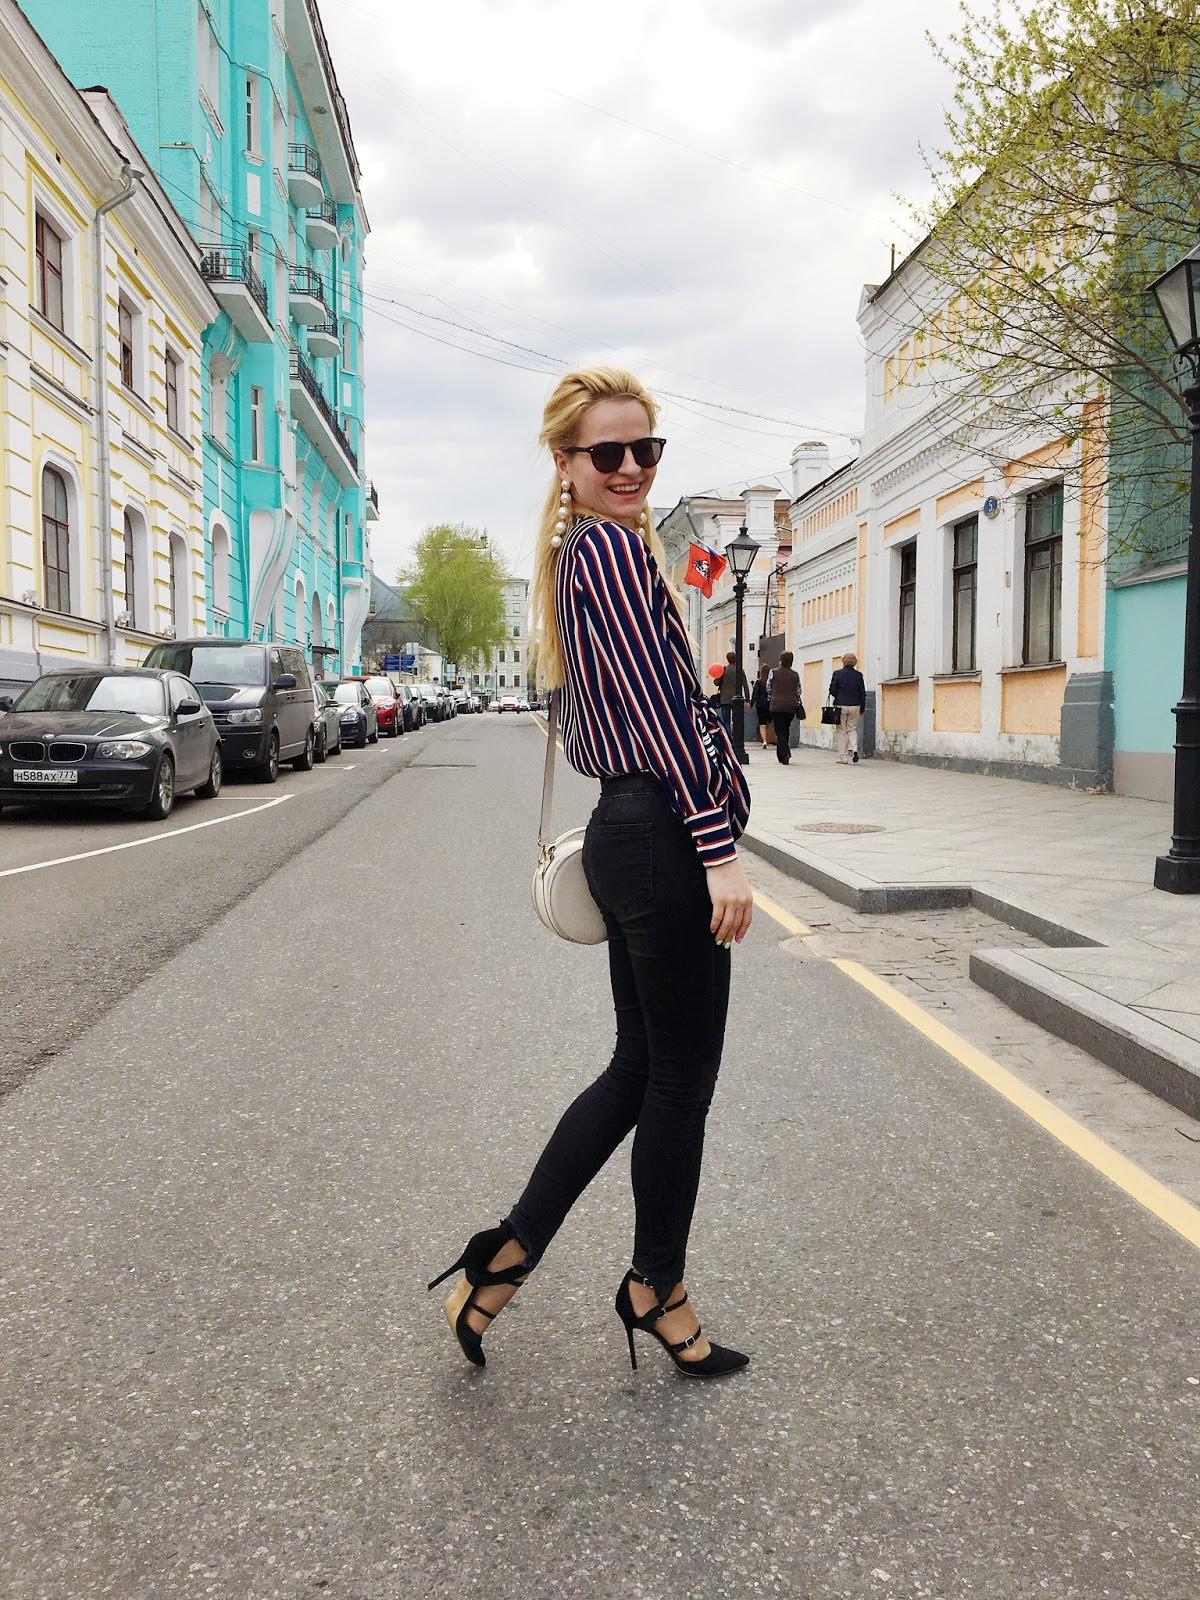 модные образы, блог costa de la moda, модный блог, модные джинсы лето, туфли с ремешками фото, модный лук